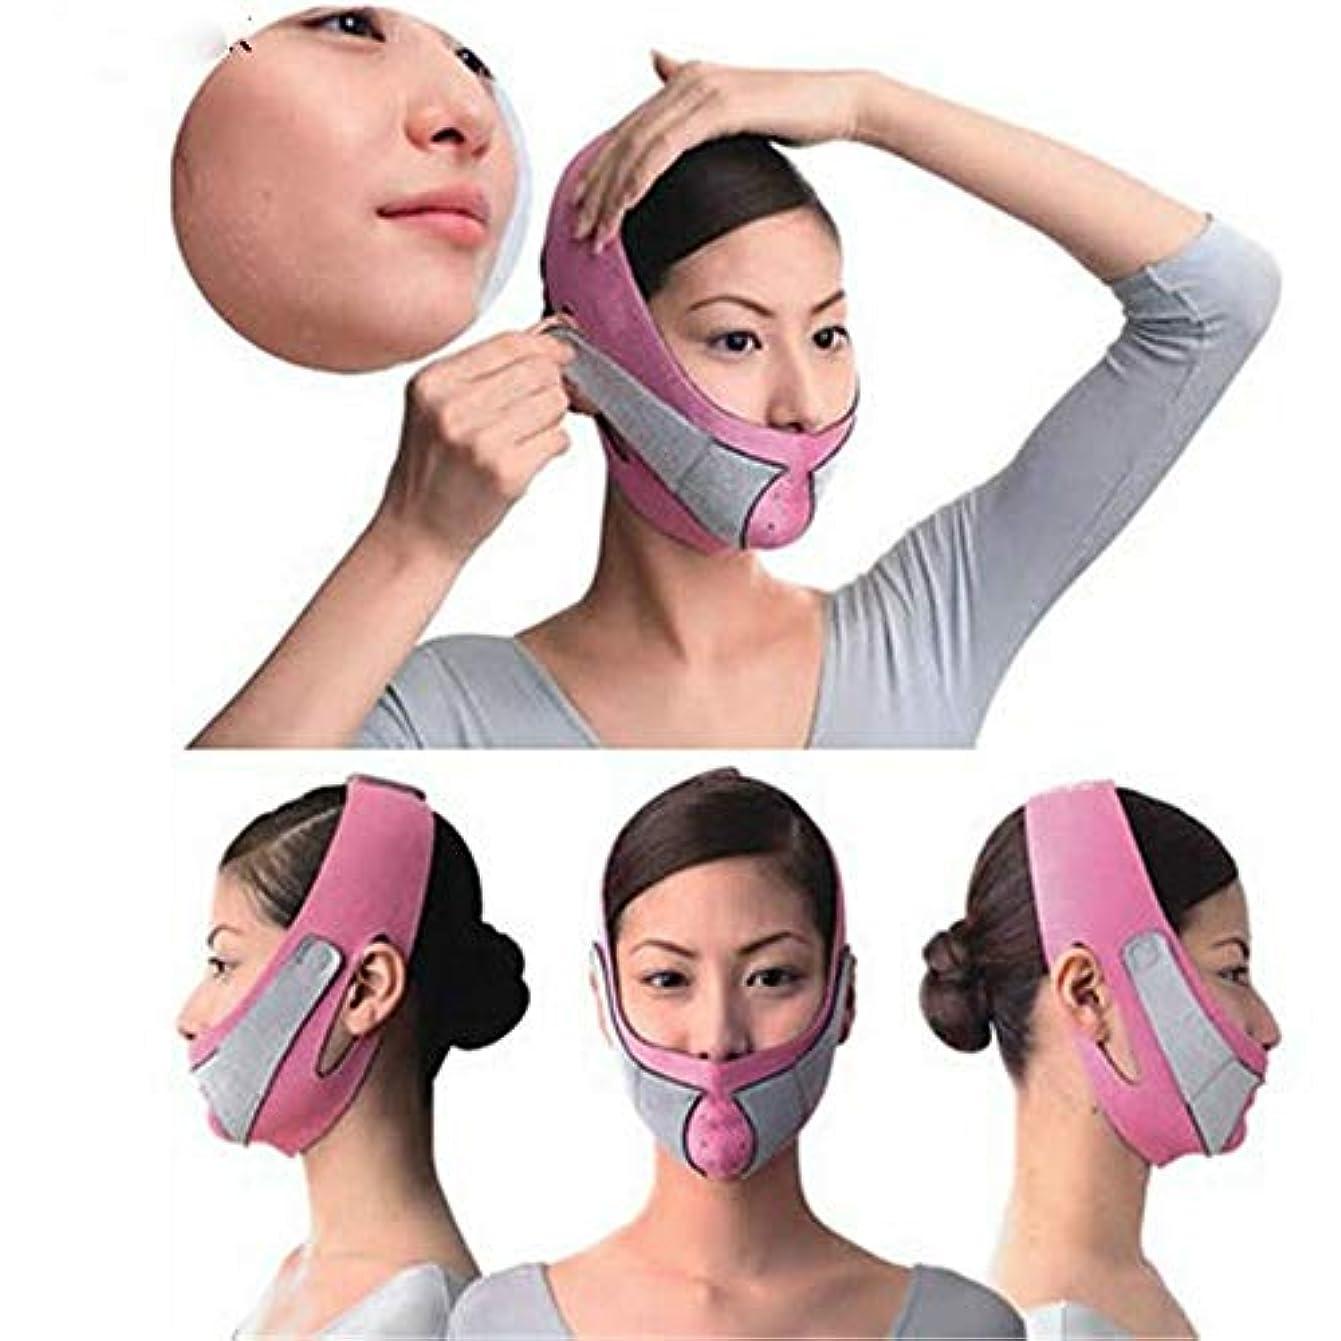 確かにセンブランス些細なフェイスメッセンジャーリフトフェイスマスク痩身フェイシャルシンメッセンジャーダブルチンスキンシンフェイス包帯ベルト女性フェイスケア美容ツール